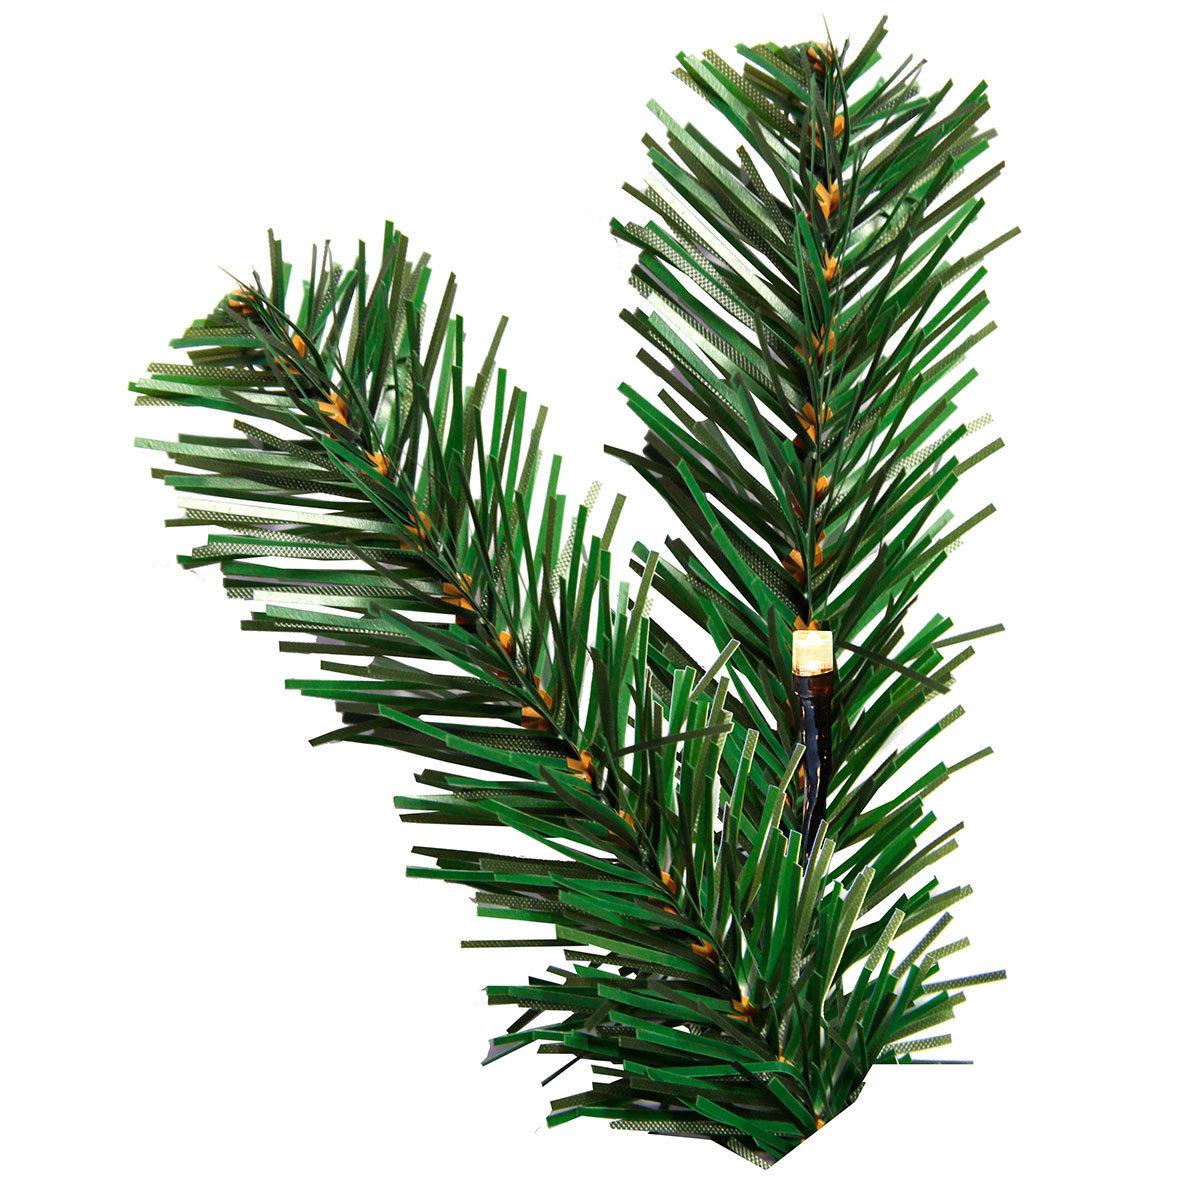 Weihnachtsbaum Künstlich Aussen.Künstlicher Led Außen Weihnachtsbaum Grüne Pracht Klein